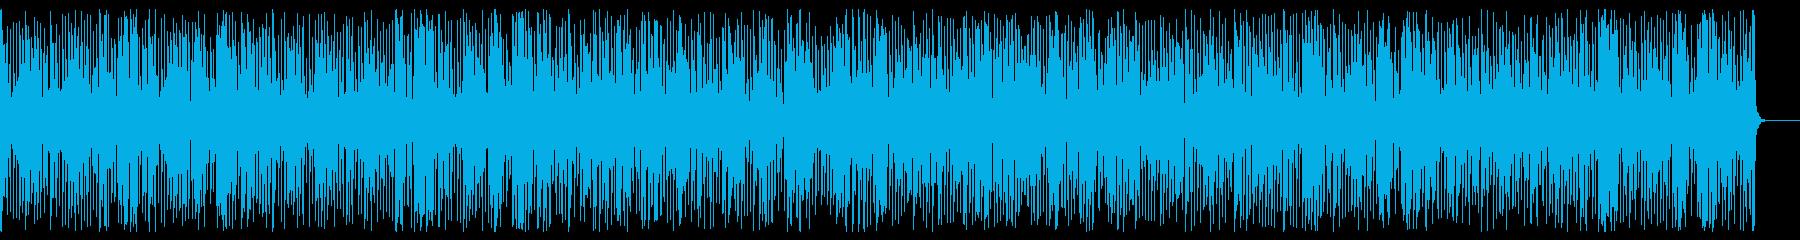 ウキウキ明るい 楽しい速いジプシージャズの再生済みの波形